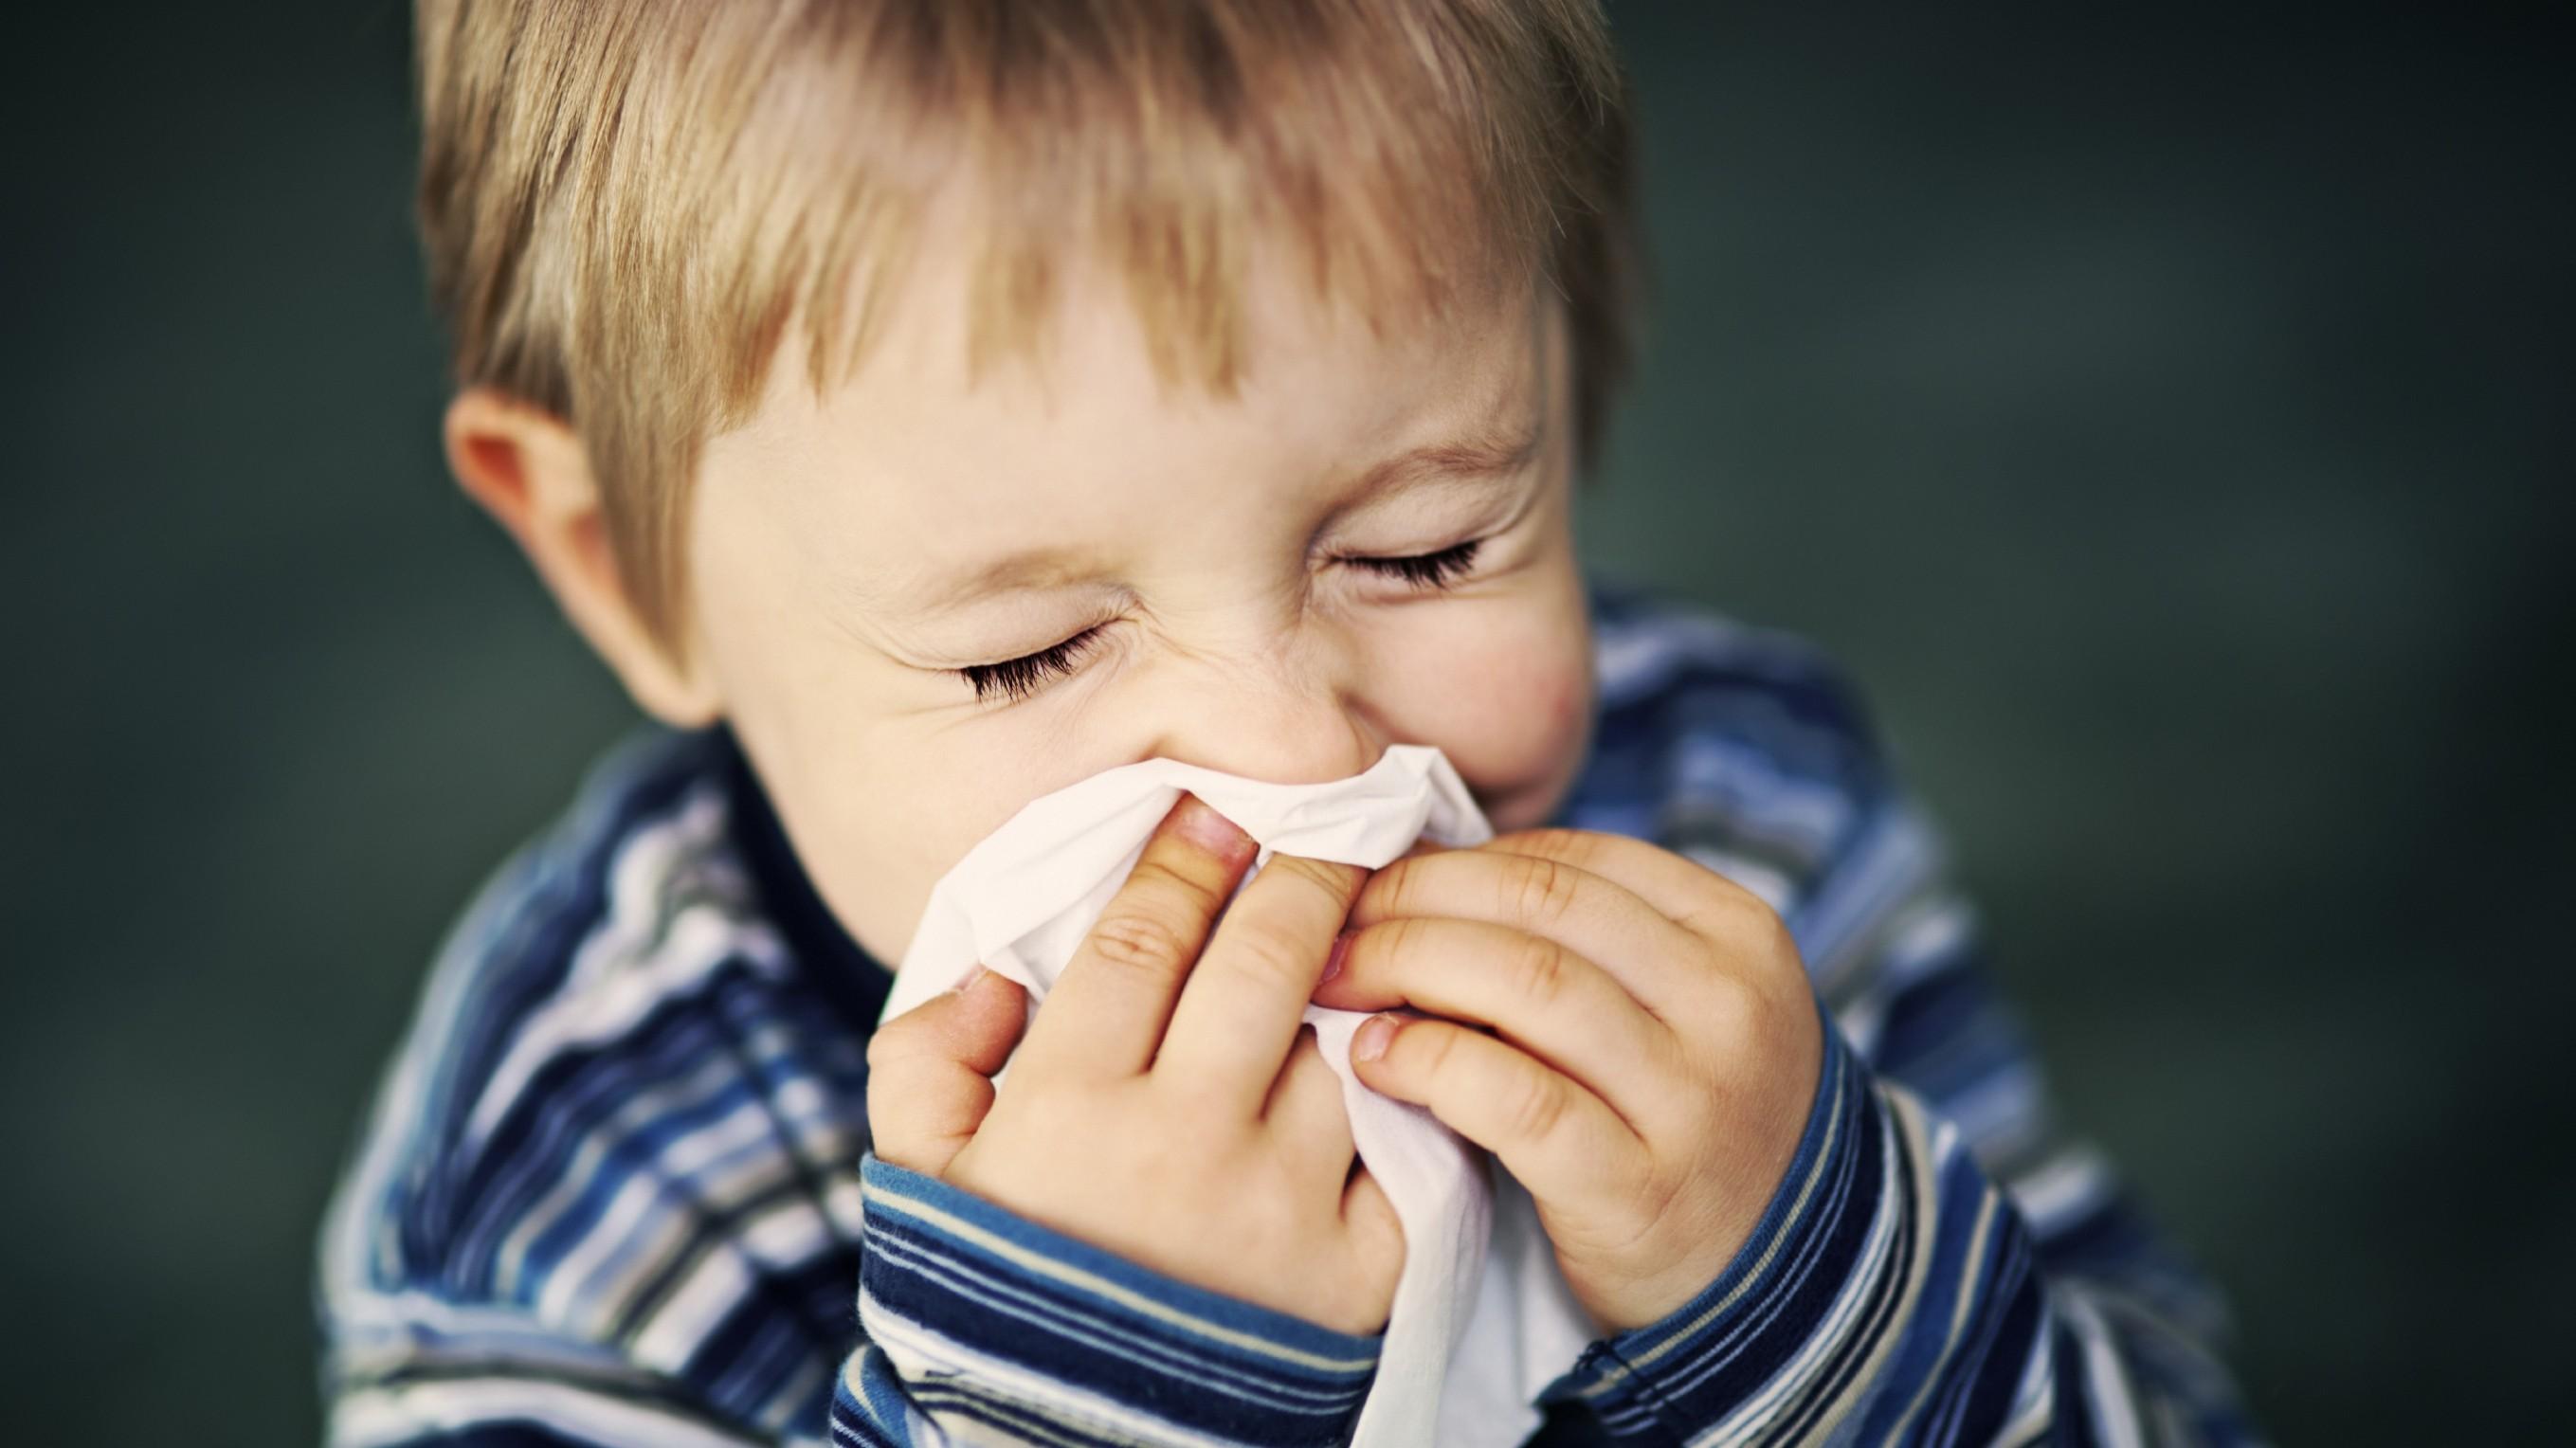 Nguyên nhân gây bệnh viêm phế quản ở trẻ em